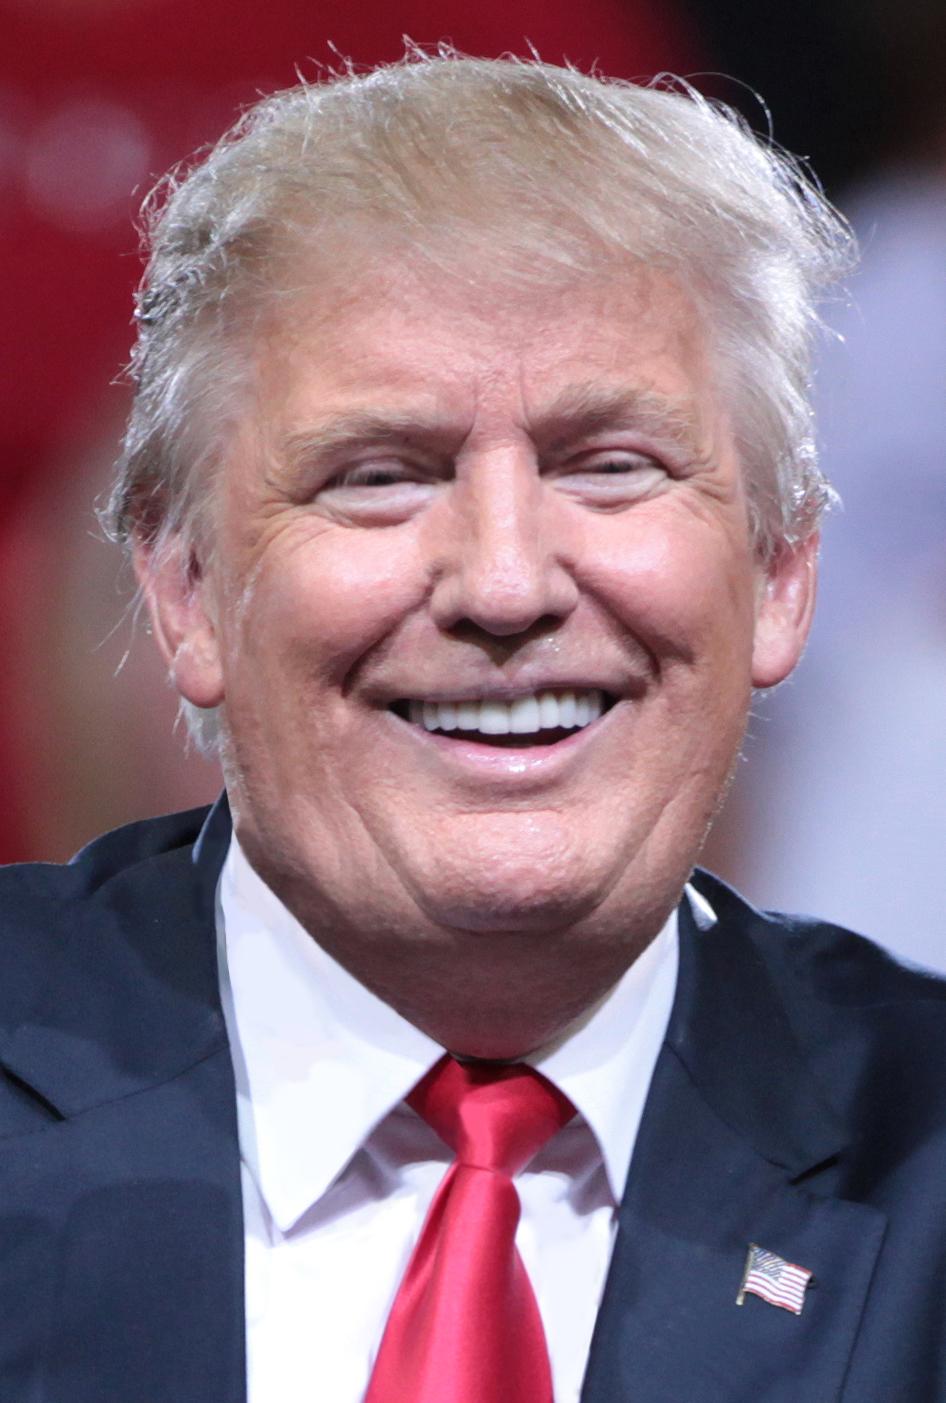 Biographie de Donald Trump